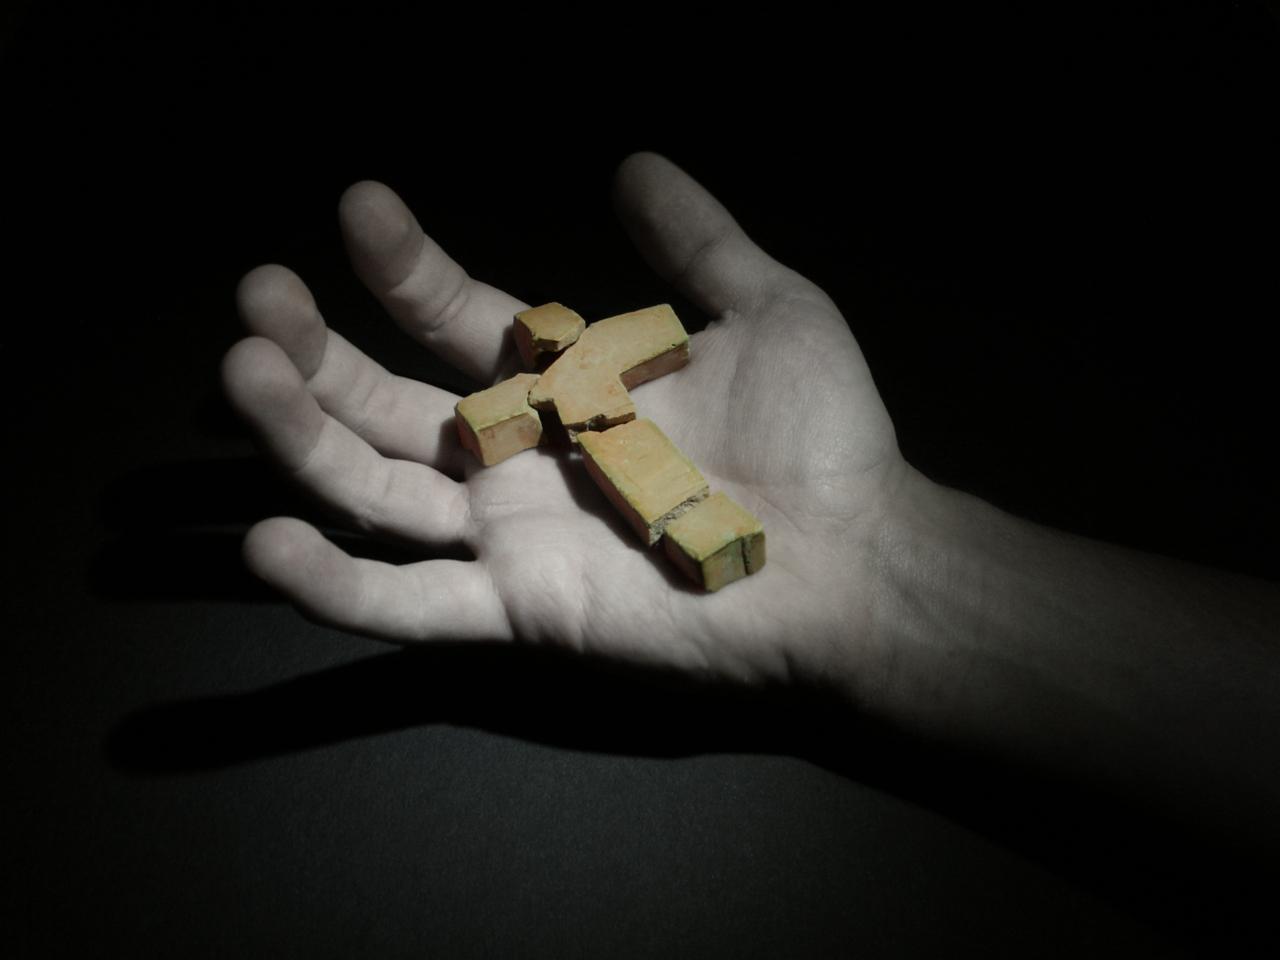 nuestra relacion con dios destacados , pensamientos cristianos, oraciones cristianas, mensajes cristianos para jovenes, devocionales cristianos